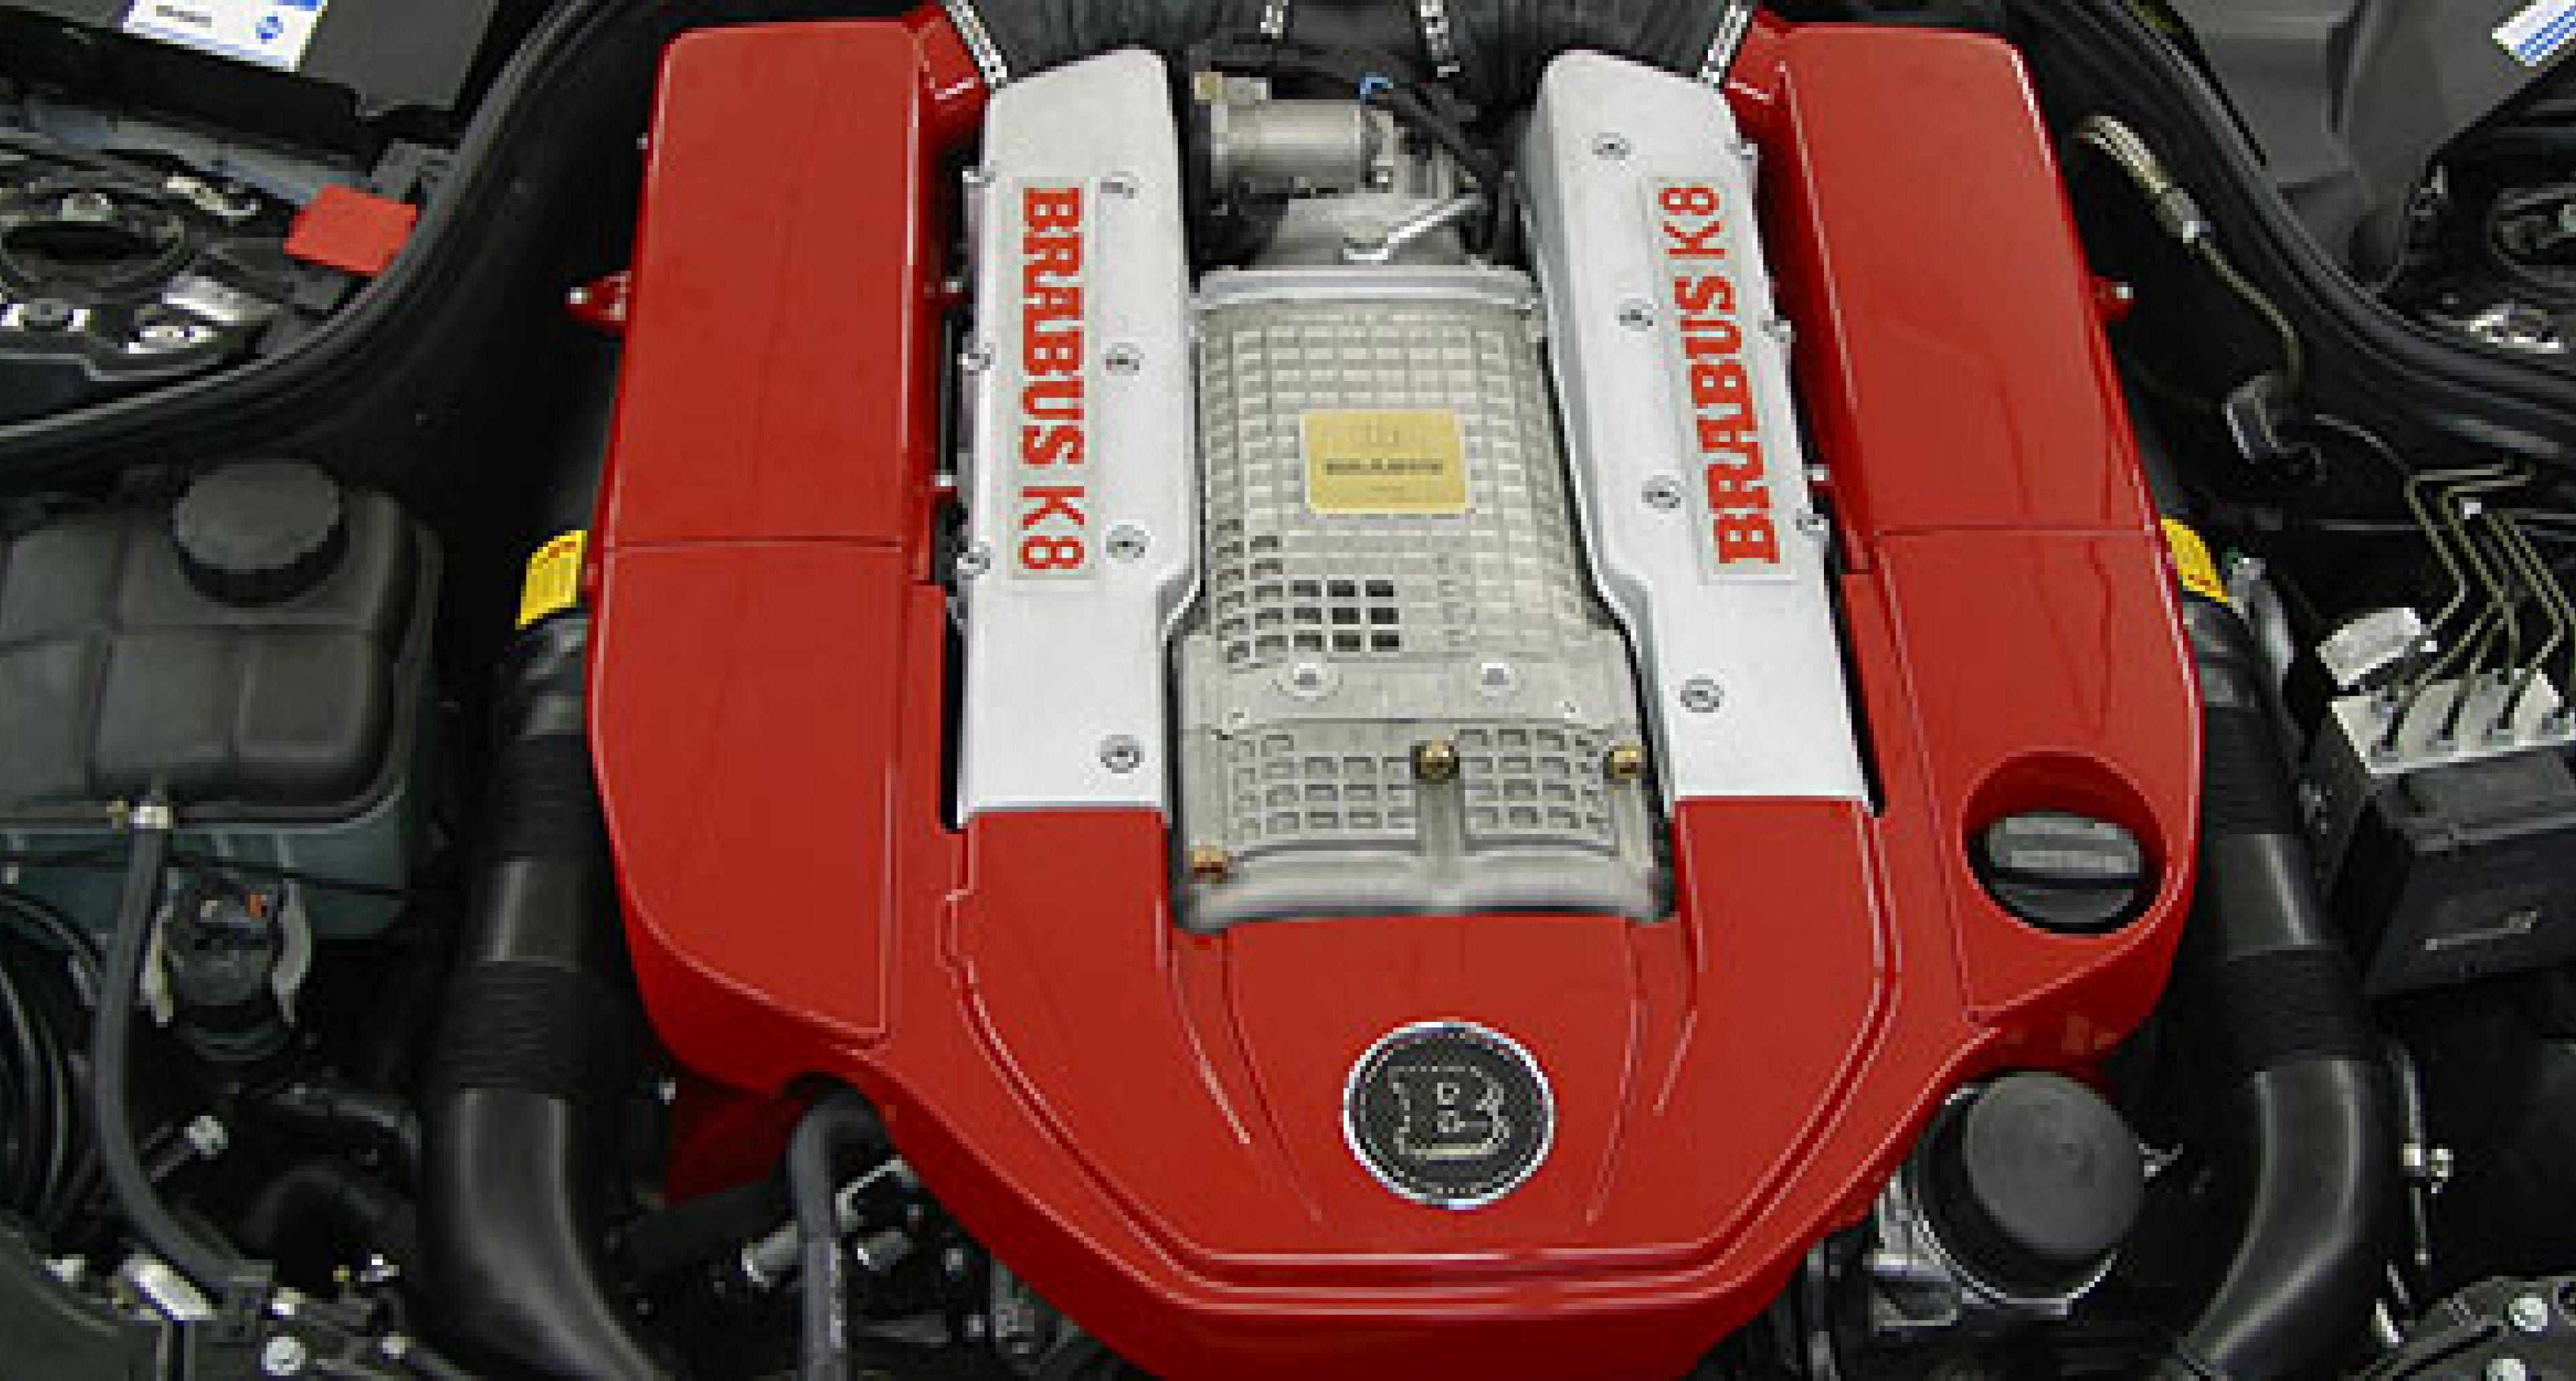 Brabus 550bhp Super CLK hits the road